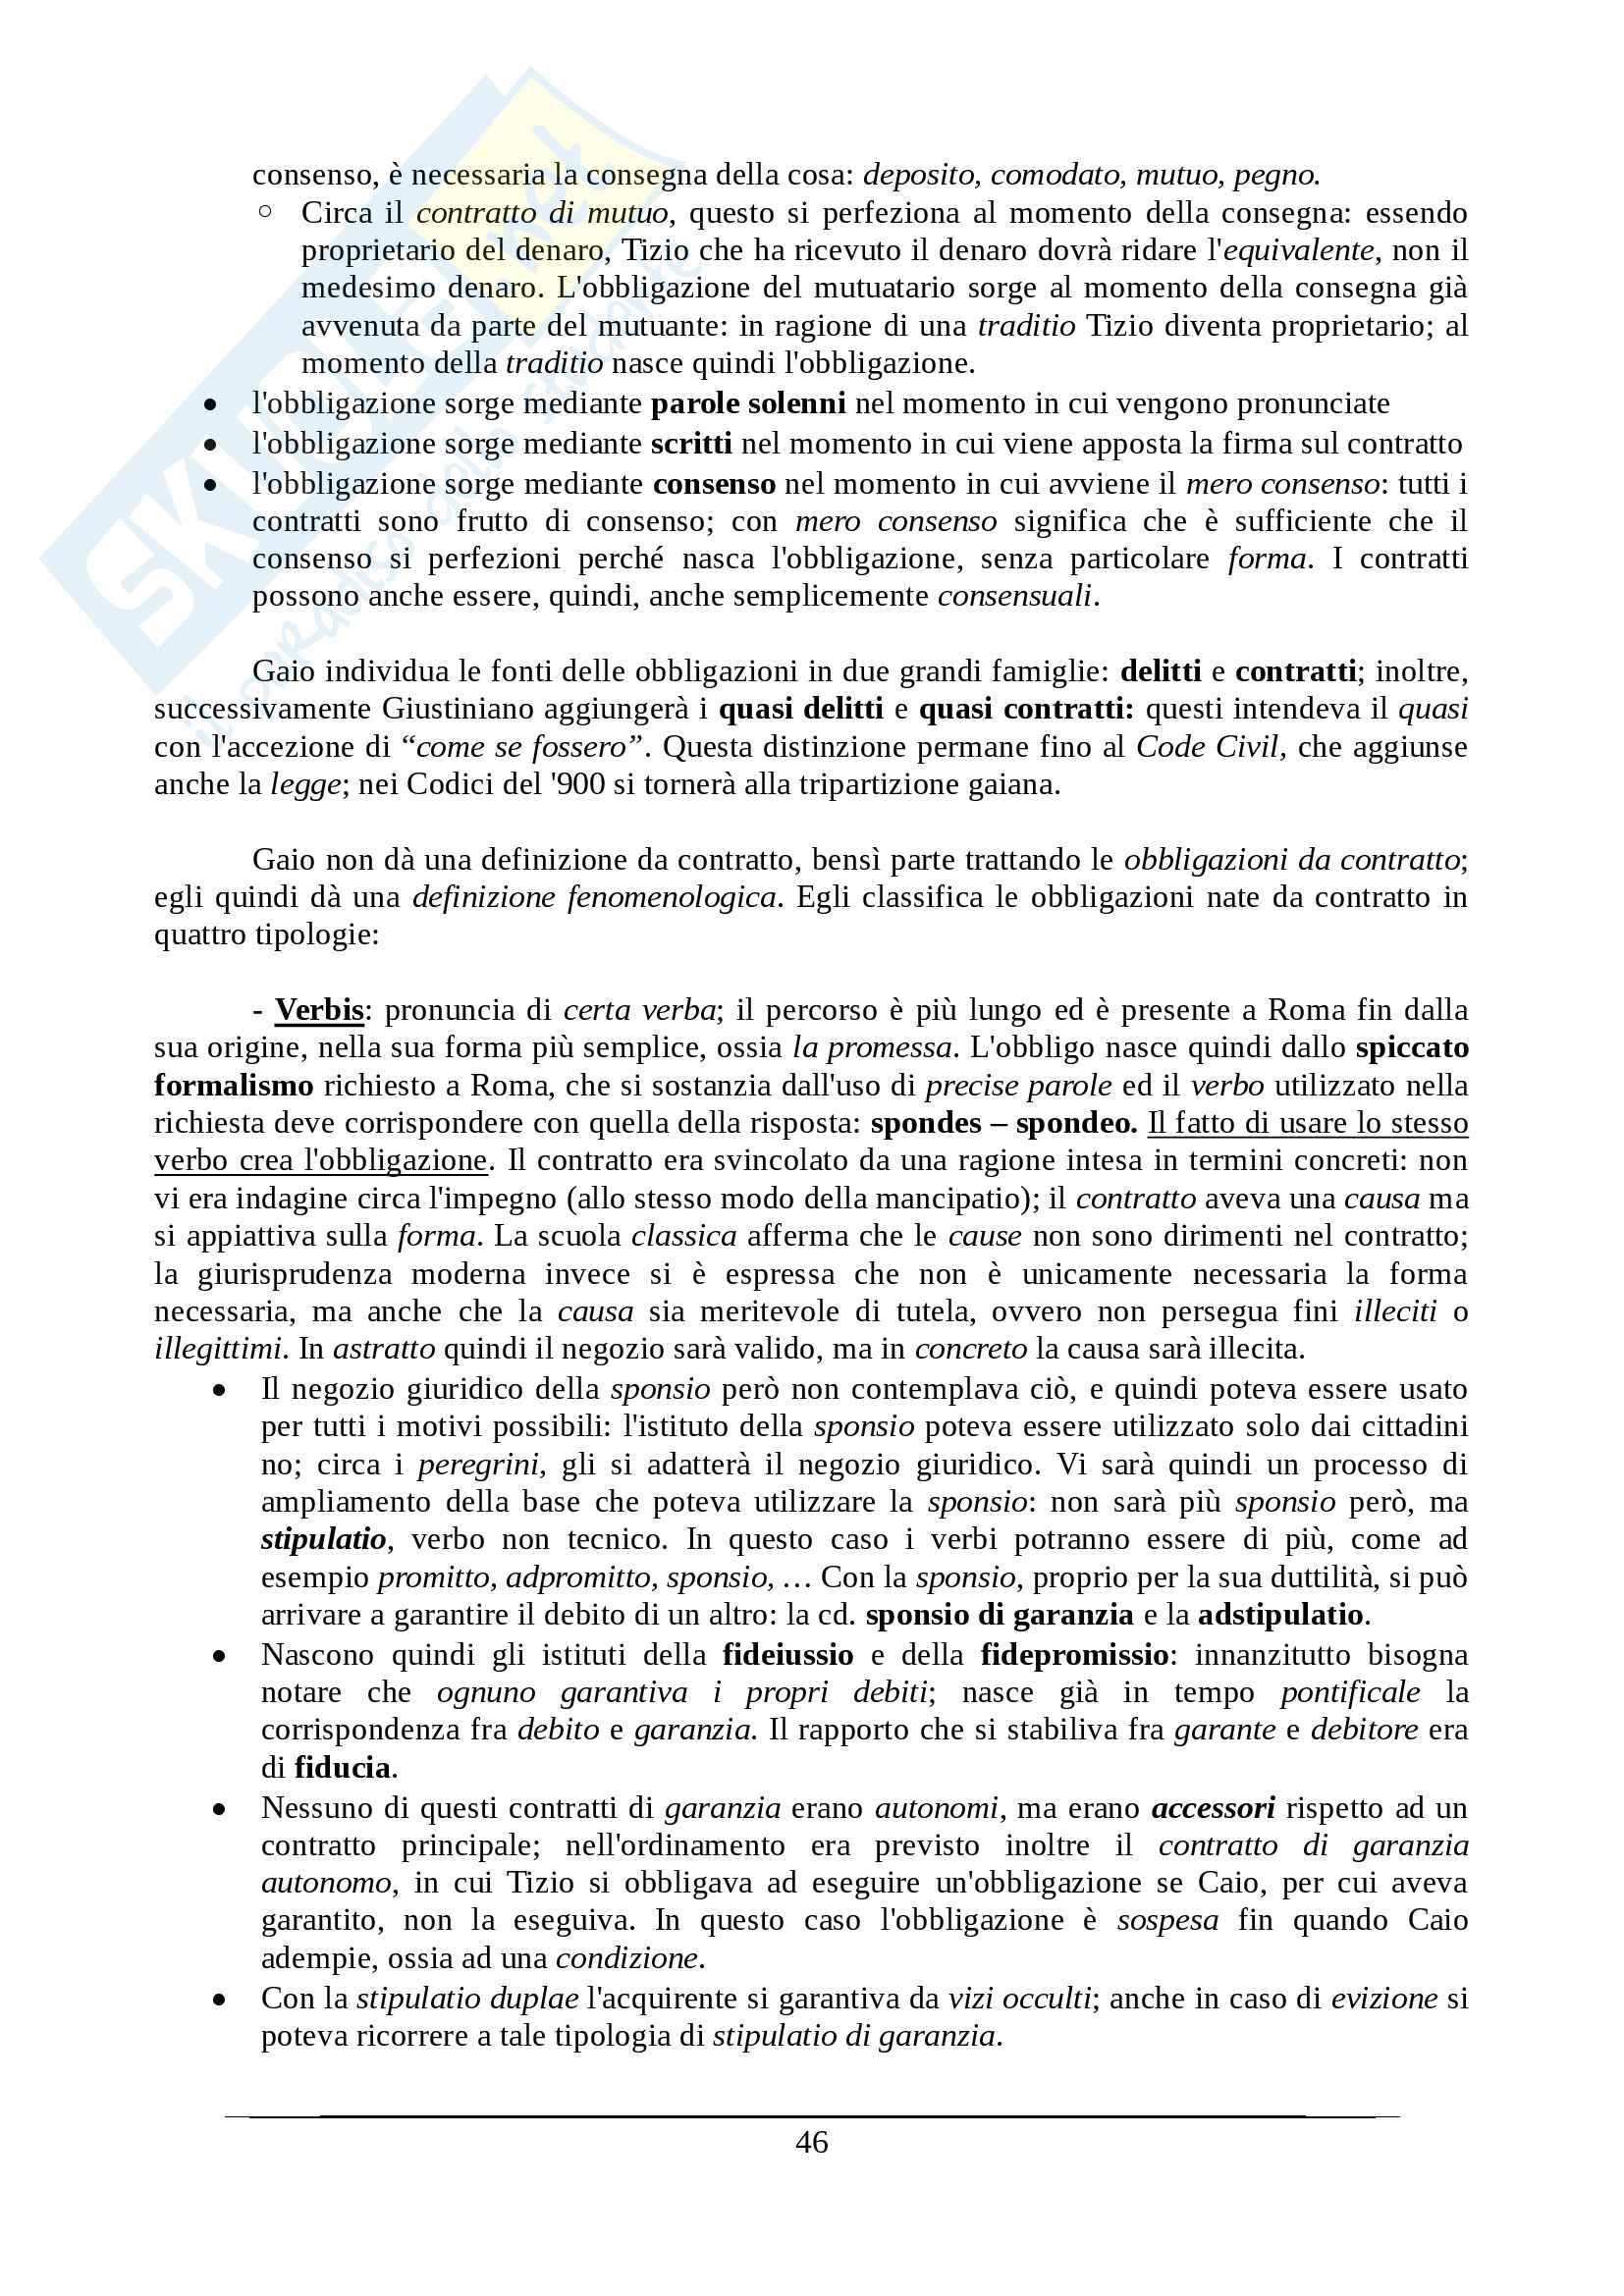 Istituzioni di diritto romano - Appunti Prof. Santucci Pag. 46